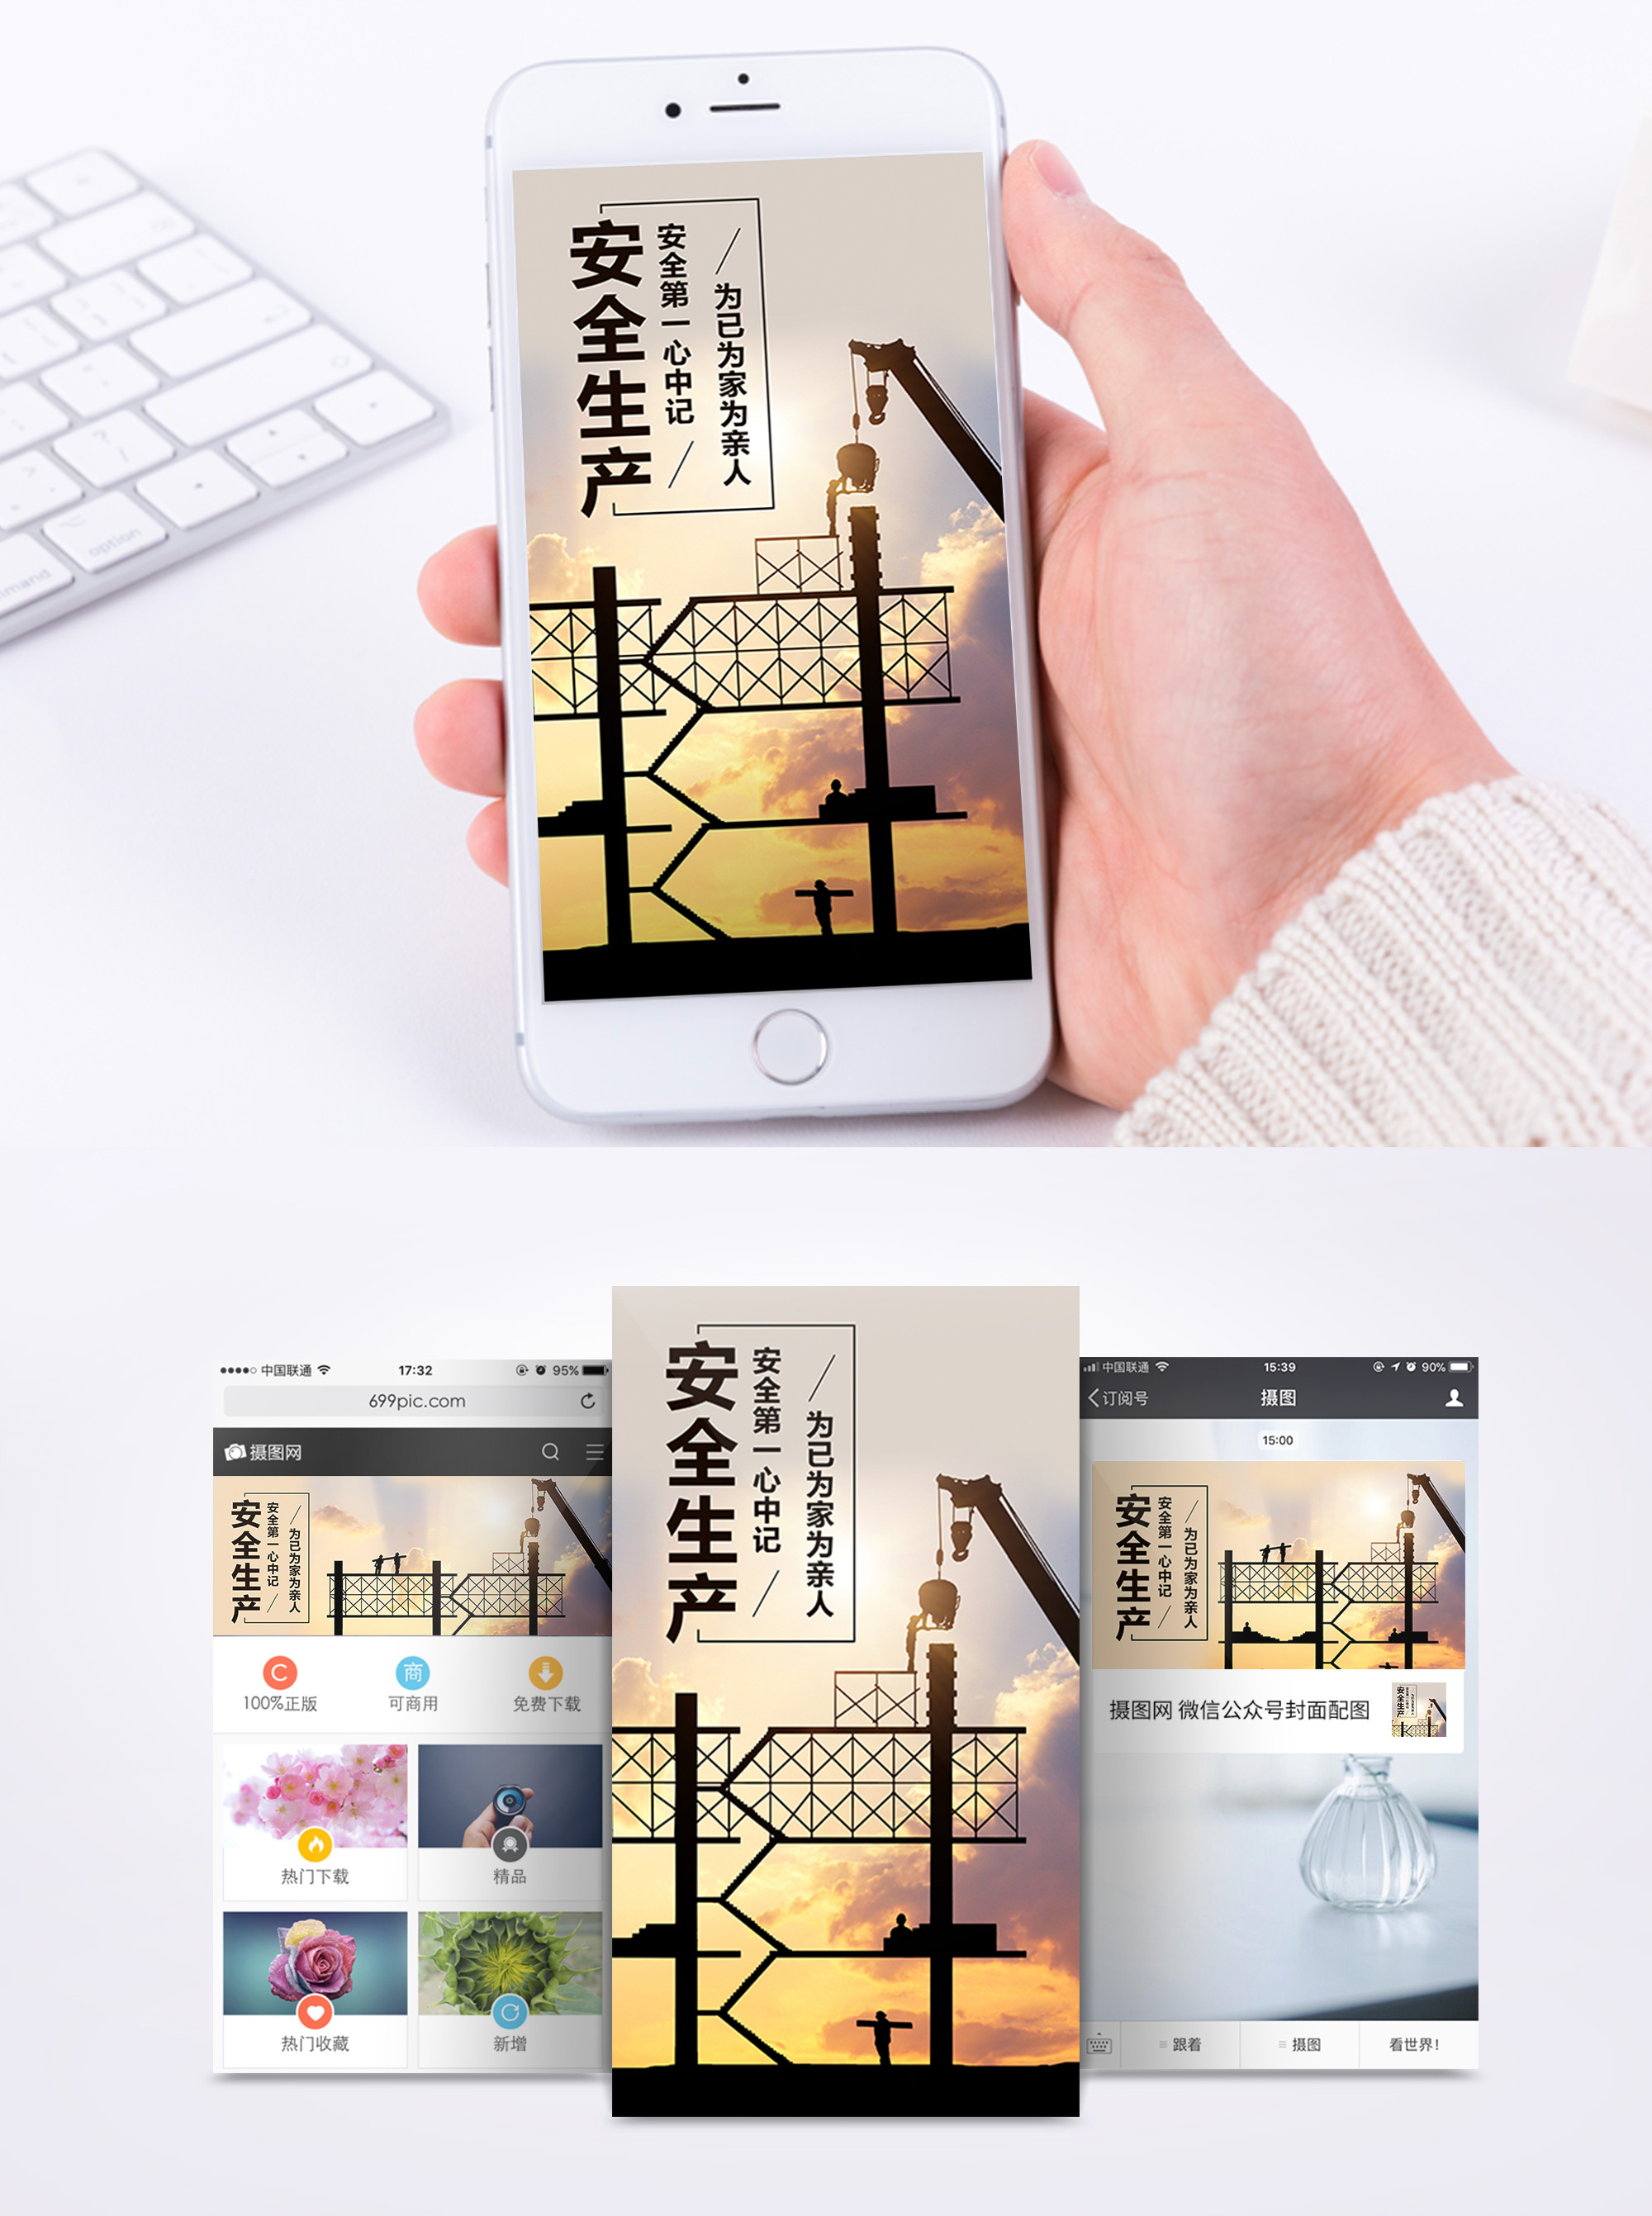 世界知识产权日手机海报配图400129434 世界知识产权日手机海报配图4